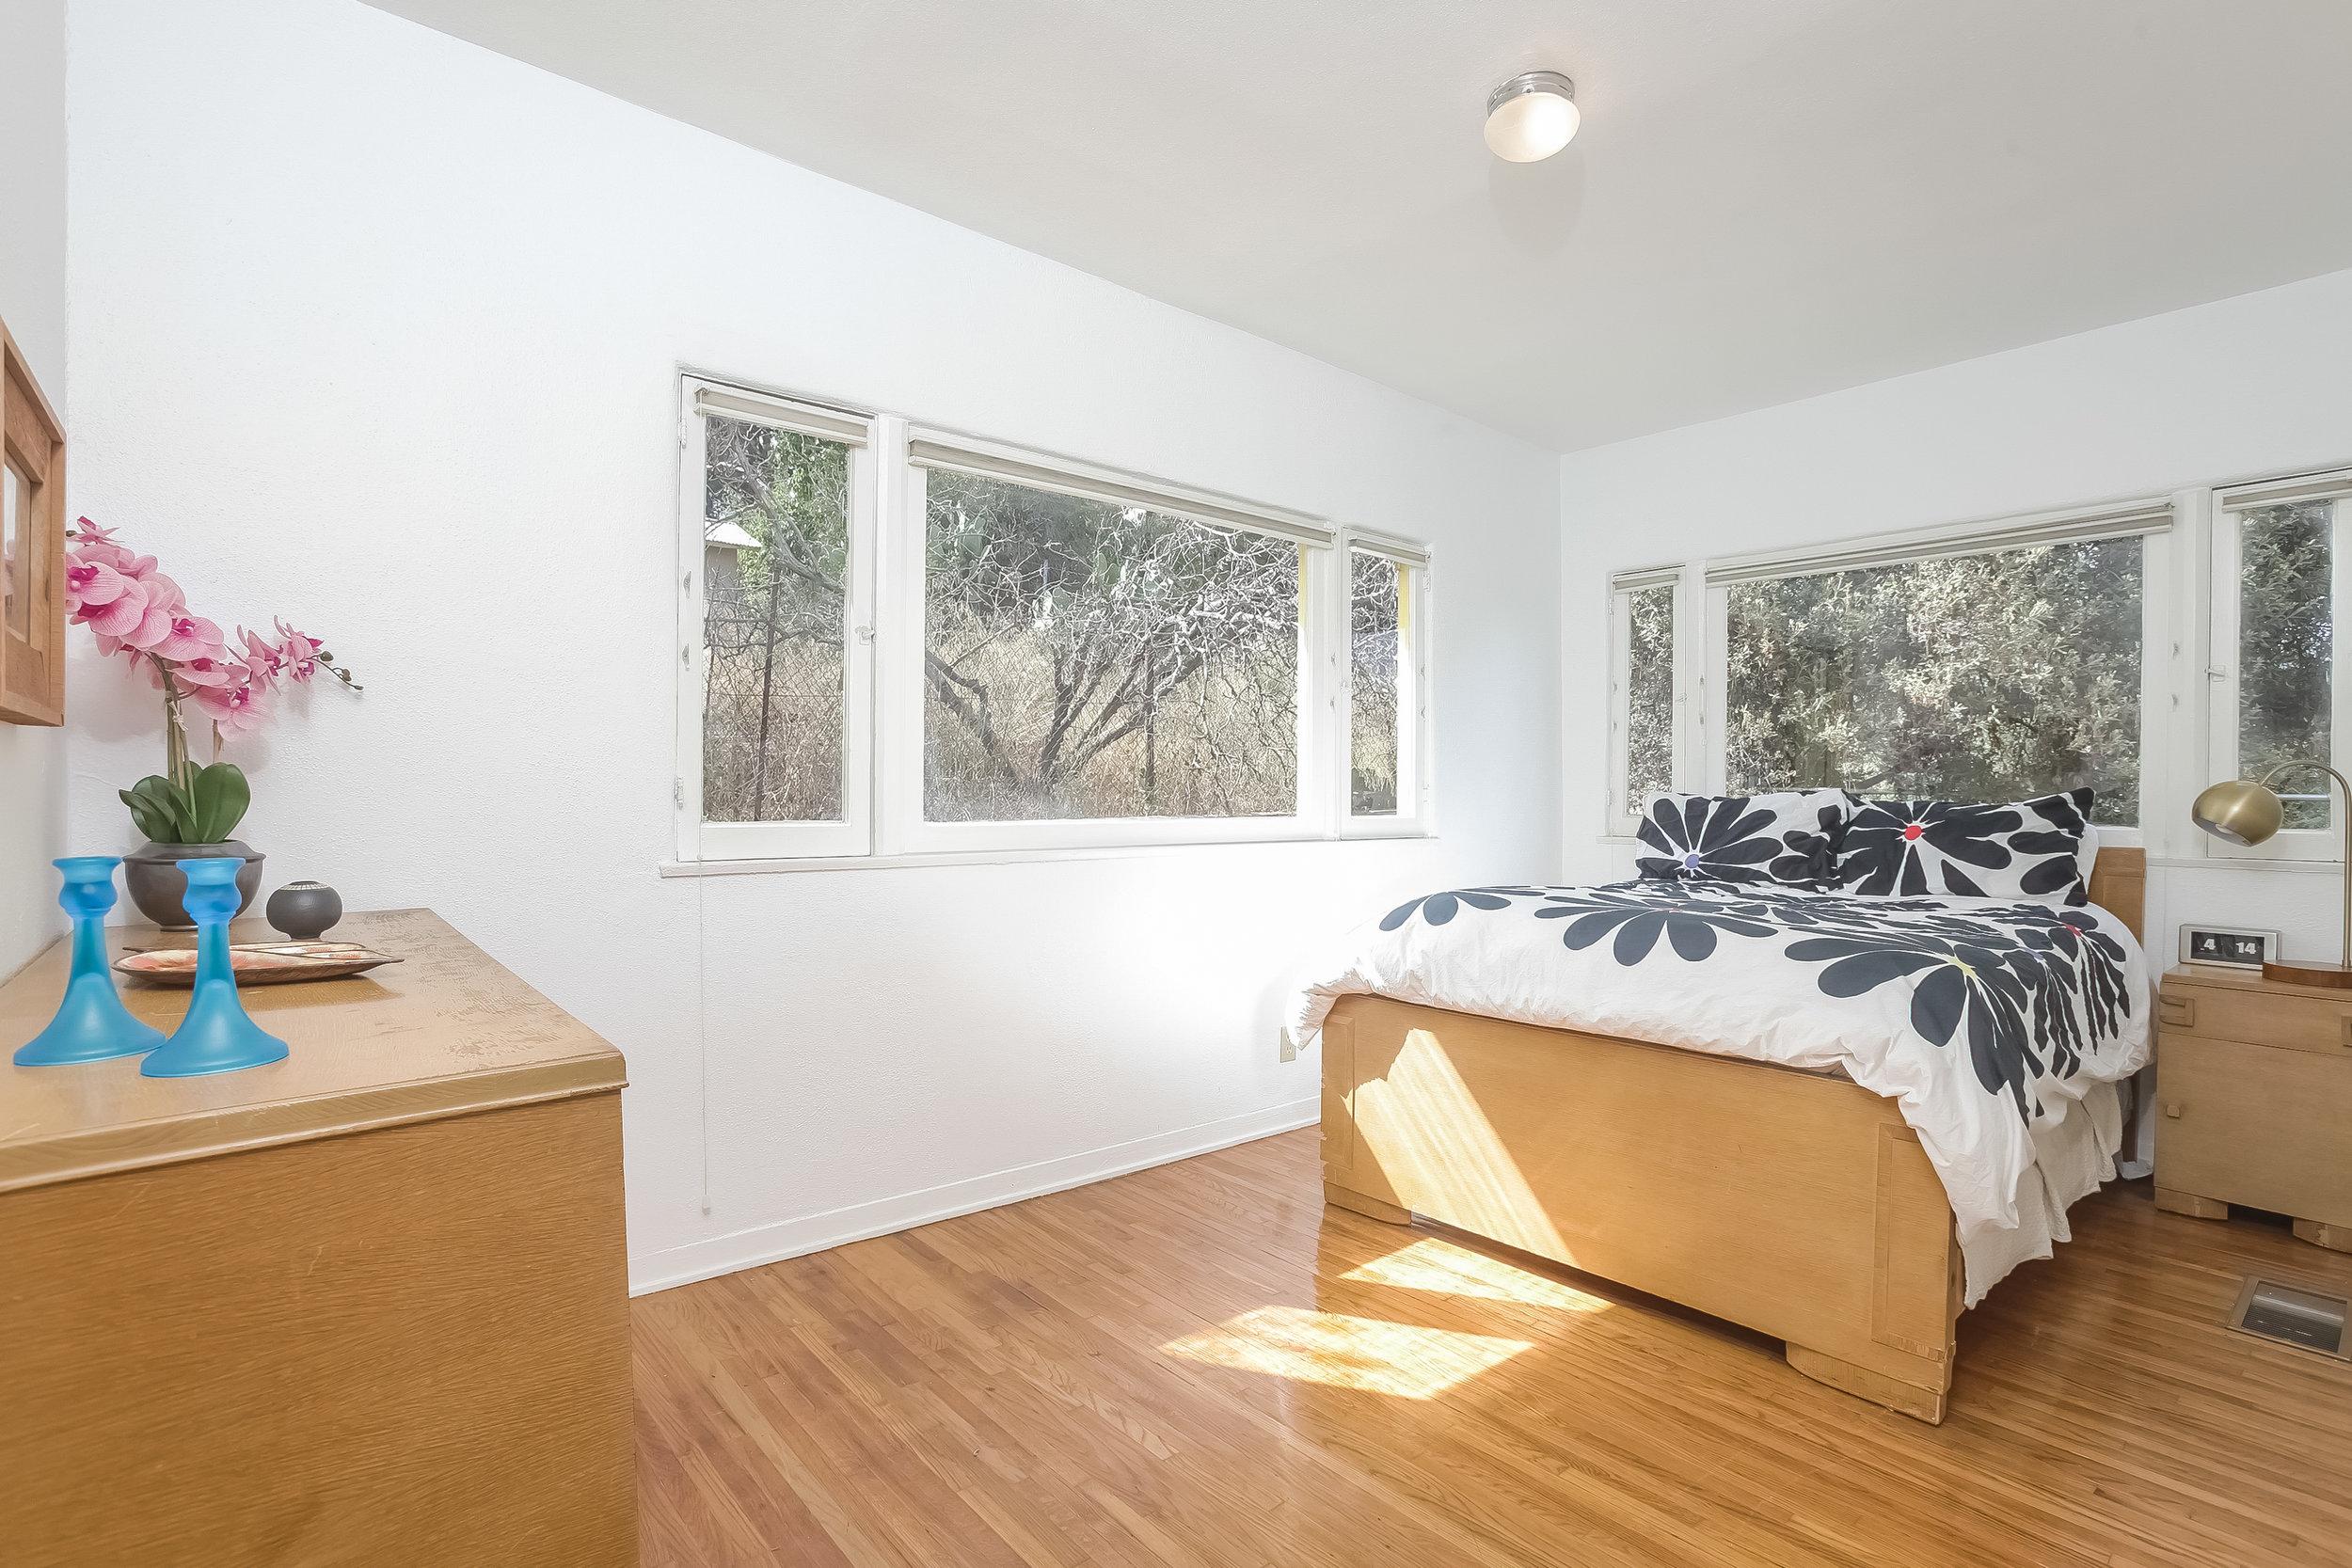 013-Bedroom-4517256-large.jpg